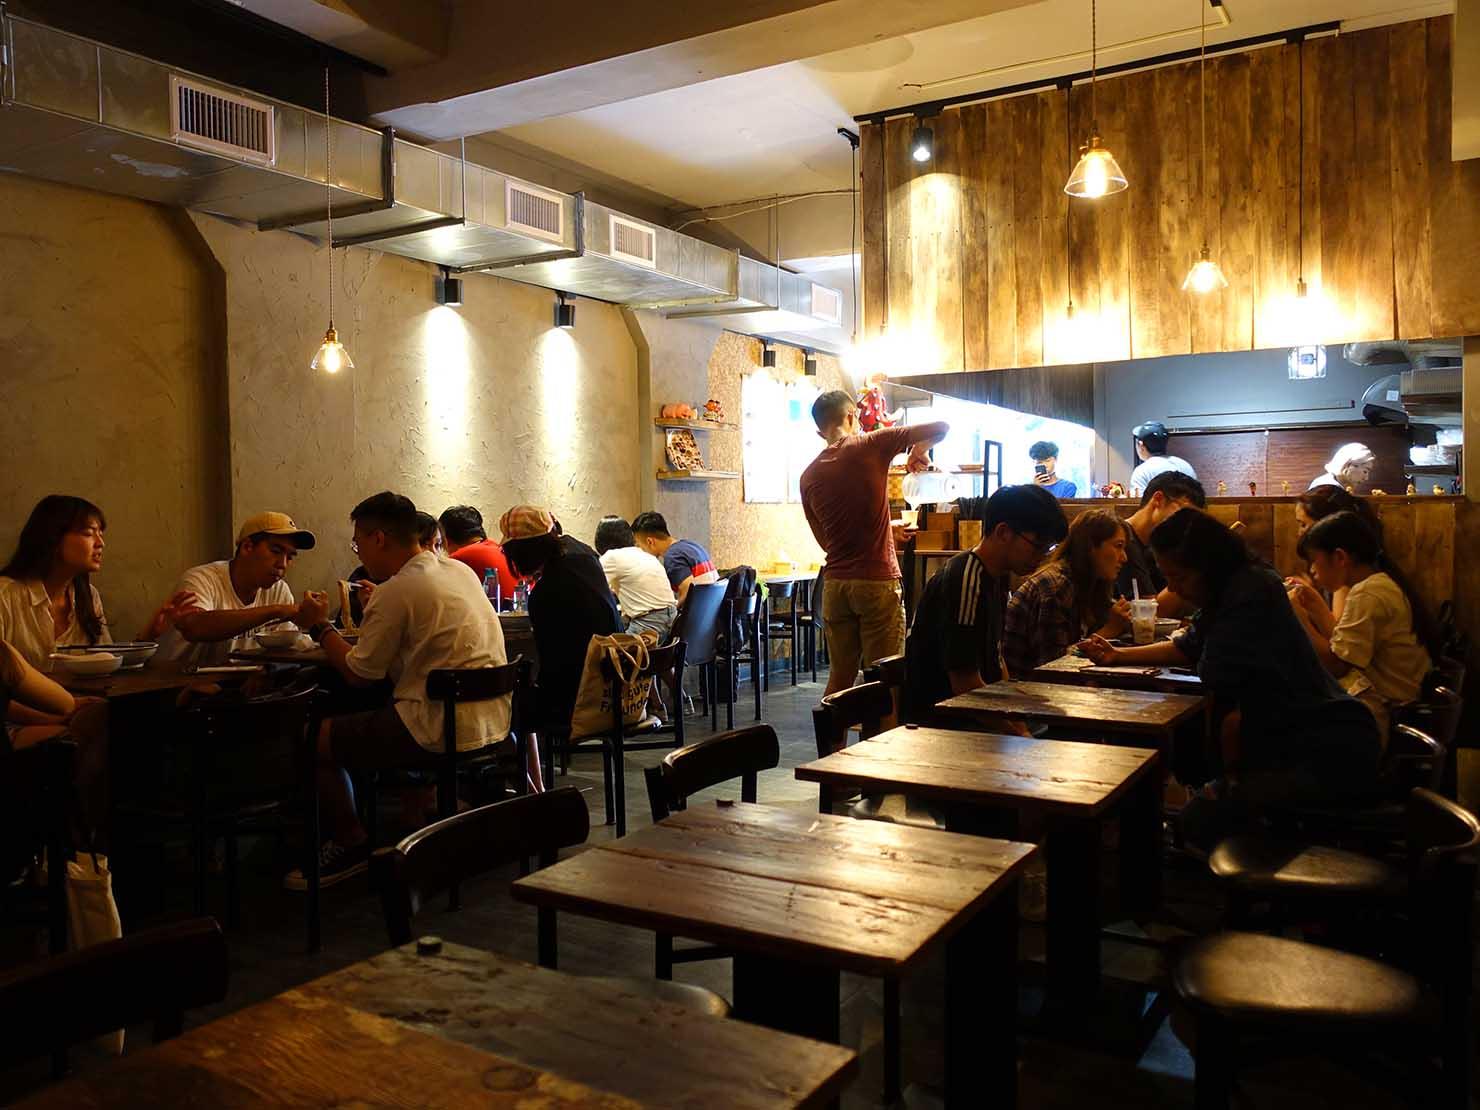 台北駅前エリア(前站)のおすすめグルメ店「話一隻雞」の店内